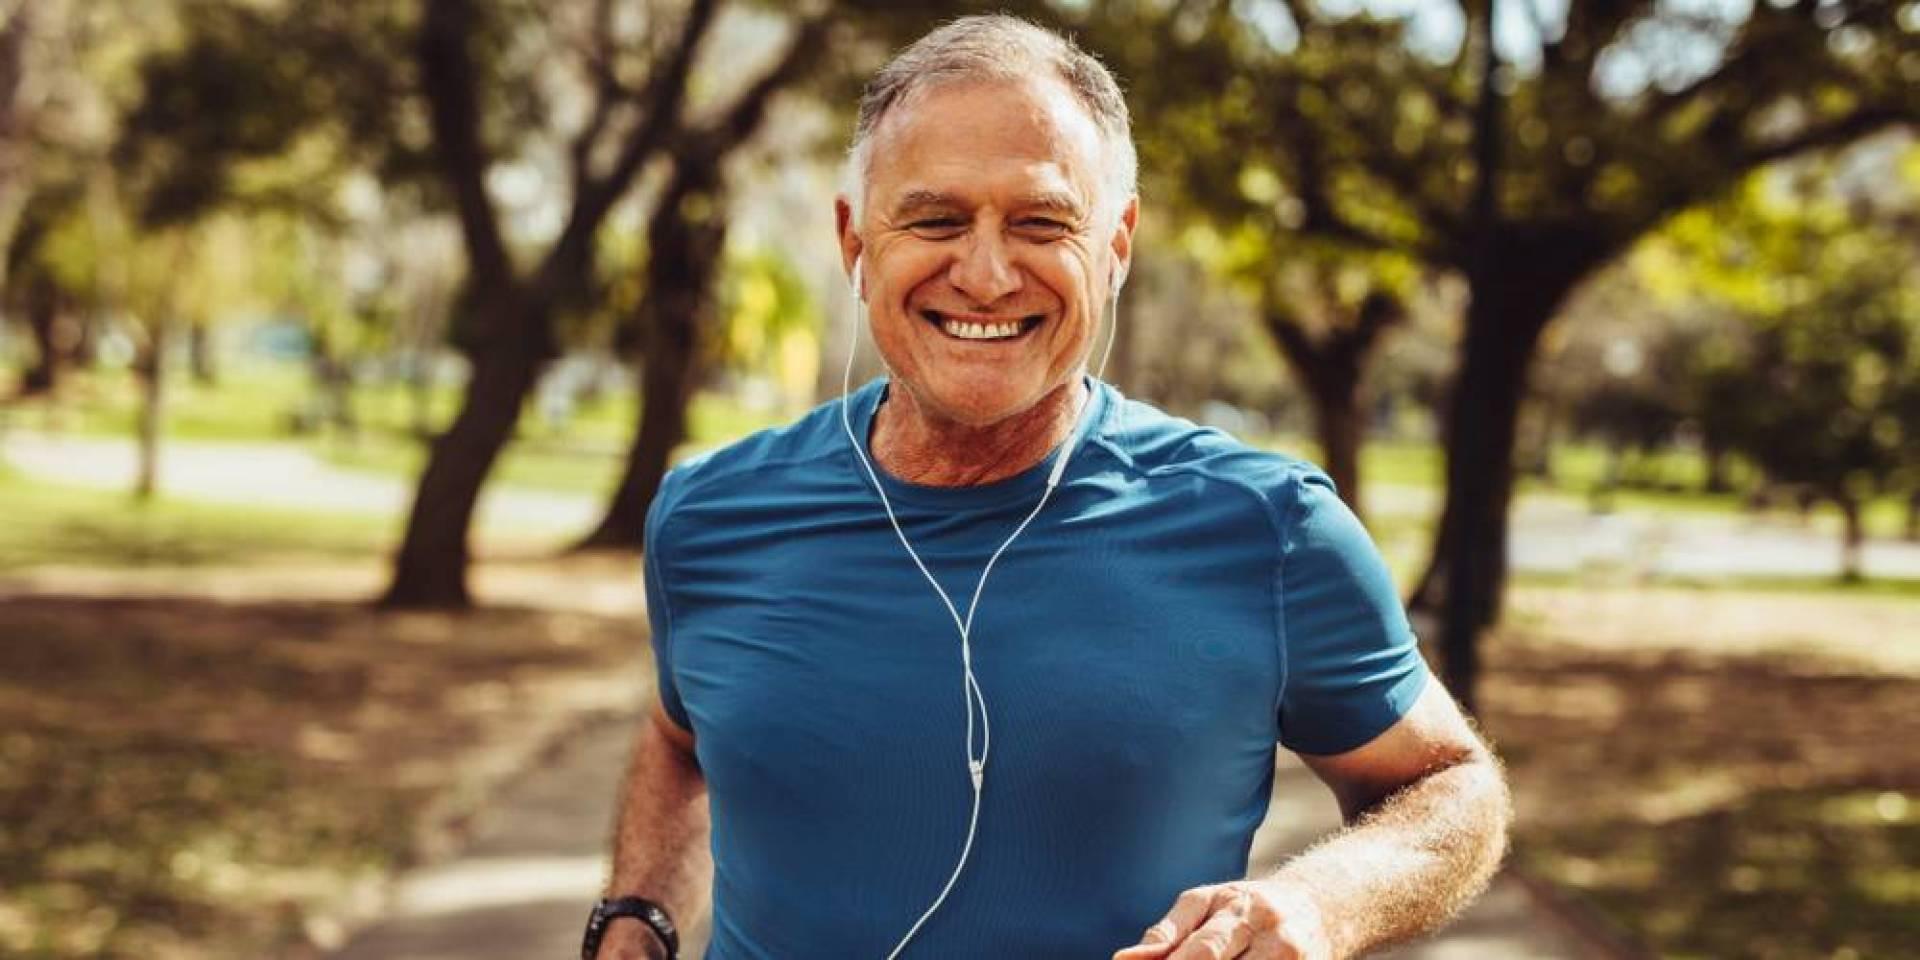 الركض أم المشي.. أيهما أفضل لفقدان الوزن وصحة المفاصل؟